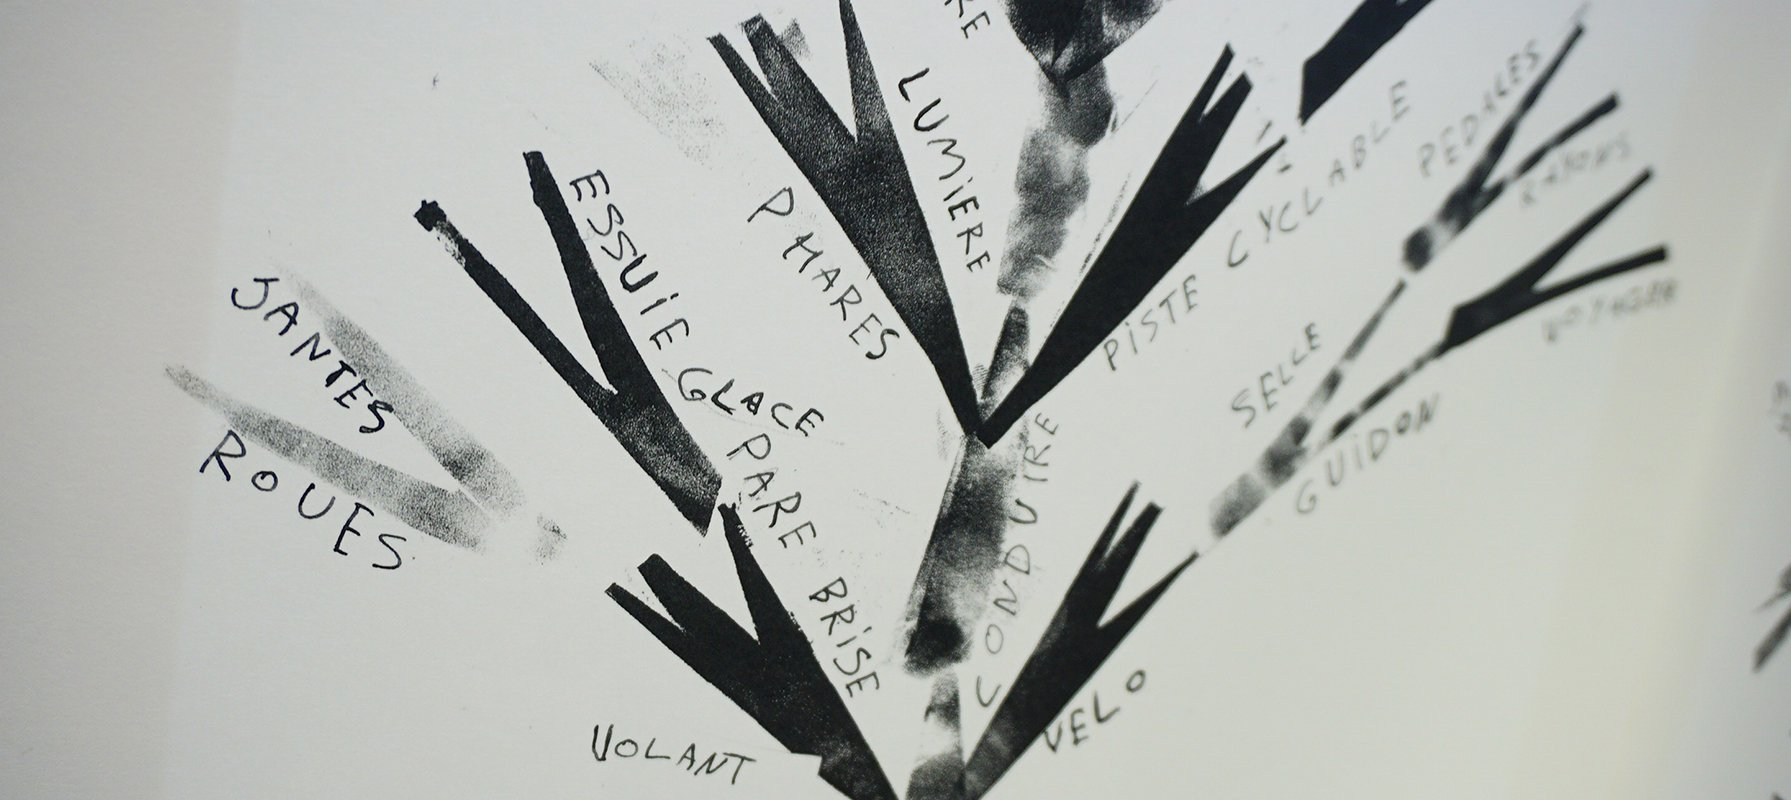 banniere Art et Alpha - exposition Sans frontiere - Graine de mots 1800.jpg